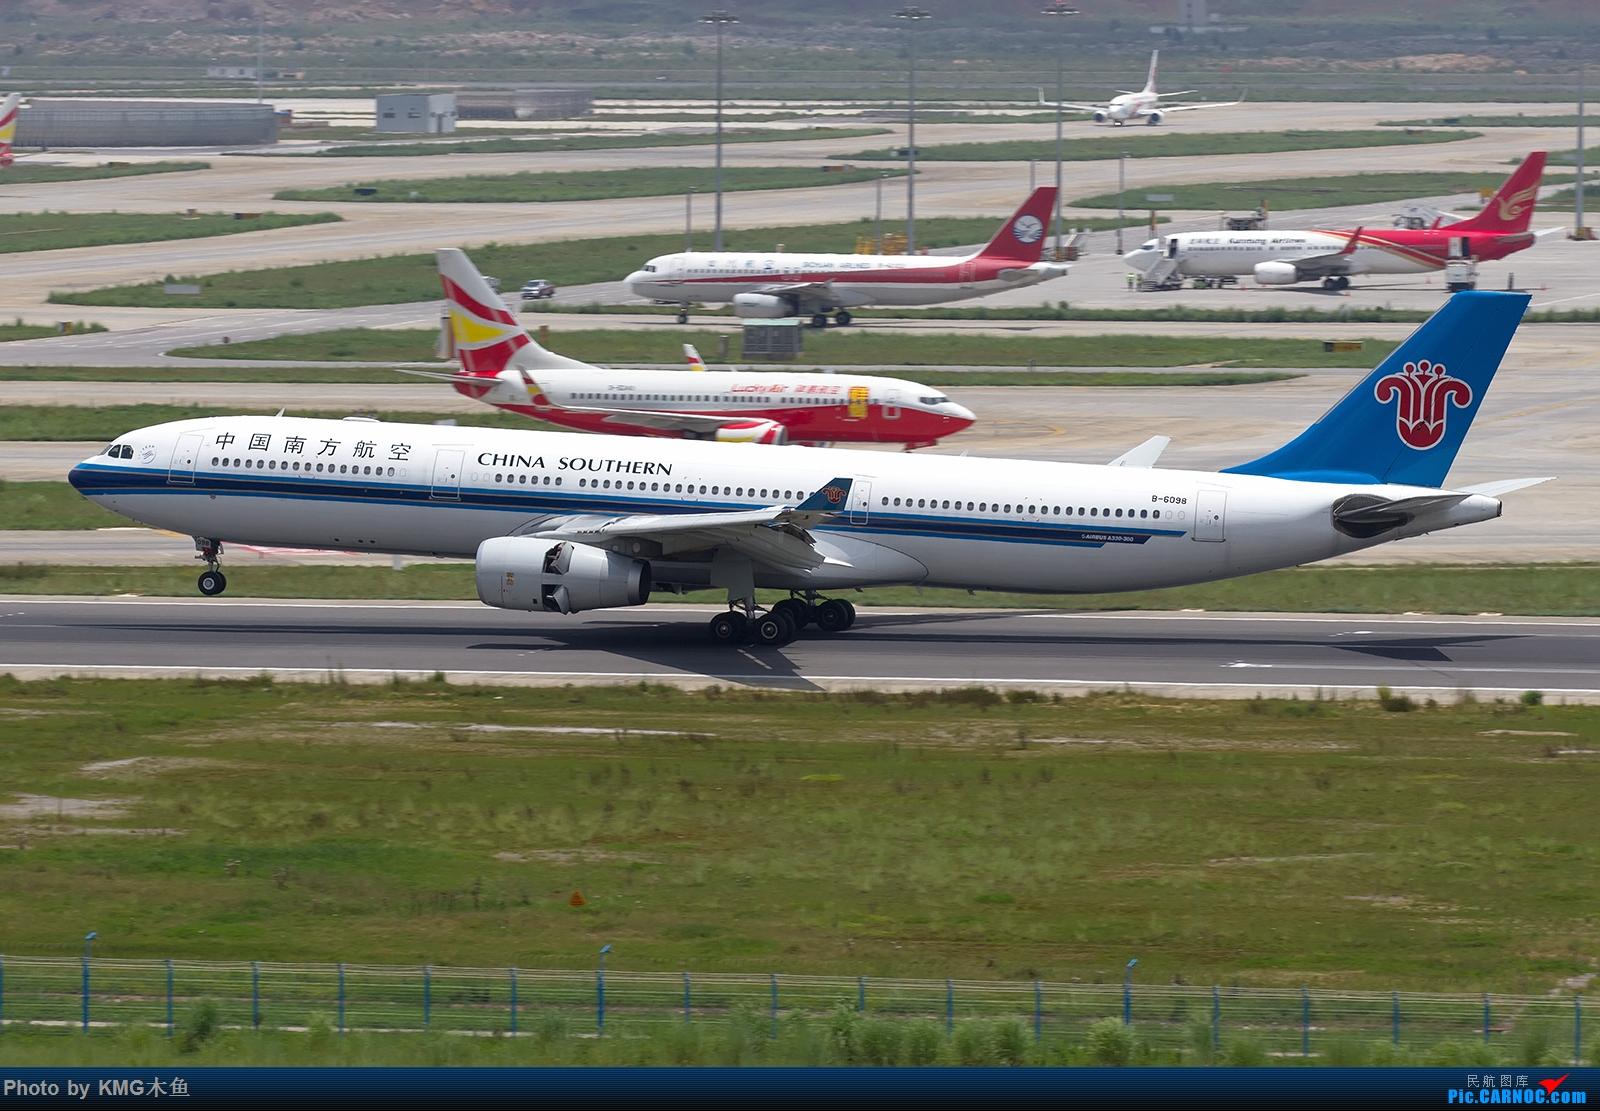 Re:[原创]【昆明长水国际机场——KMG木鱼拍机】第一次大中午的拍飞机,还好宽体比较多,也算是值得了 AIRBUS A330-300 B-6098 中国昆明长水国际机场